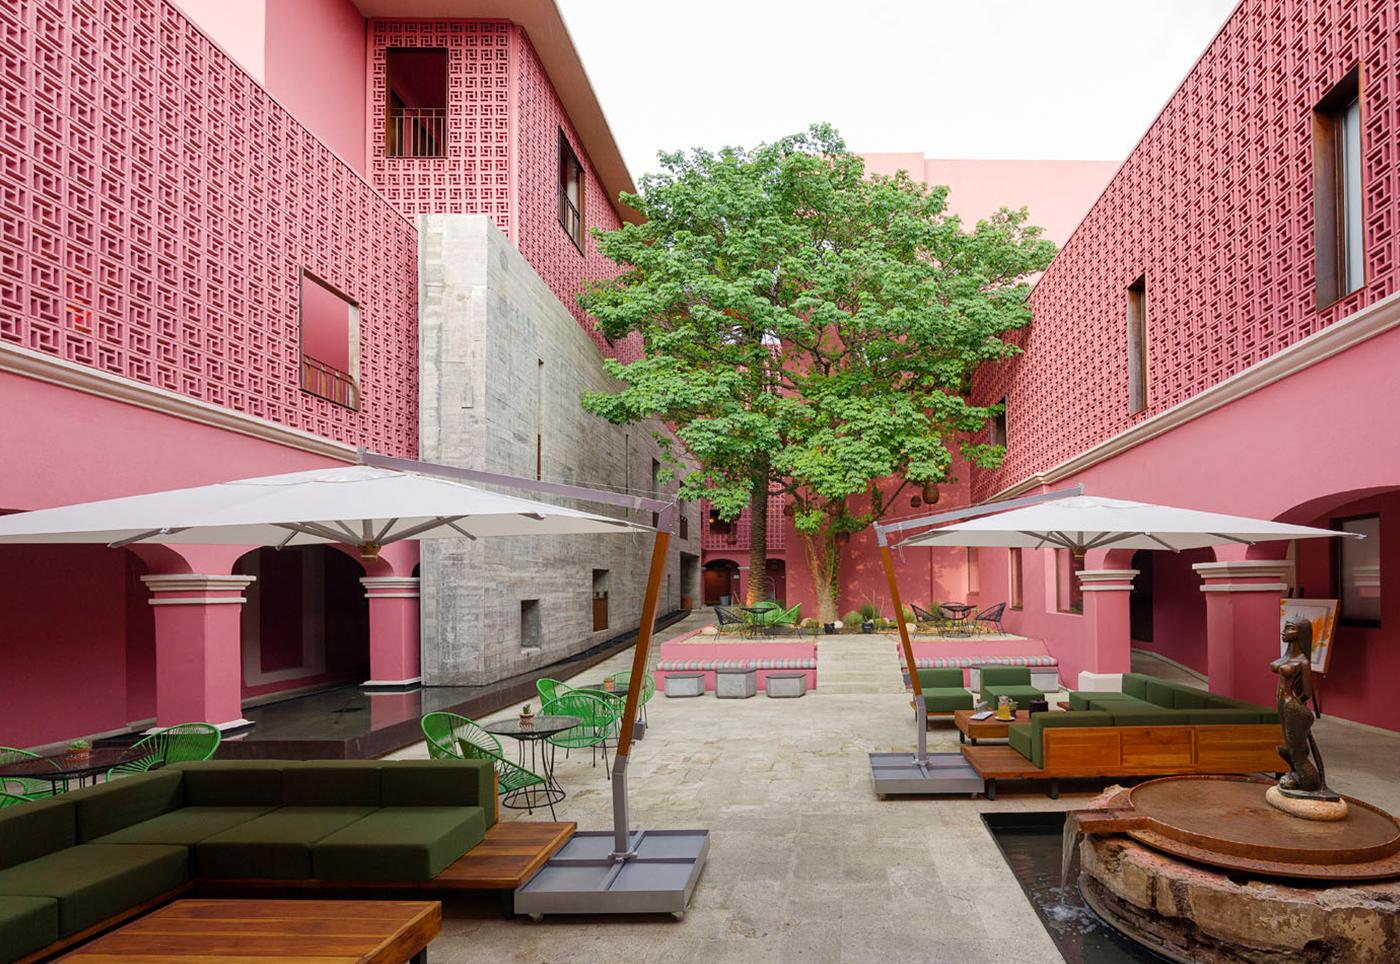 07_ideas_hotel_oaxaca